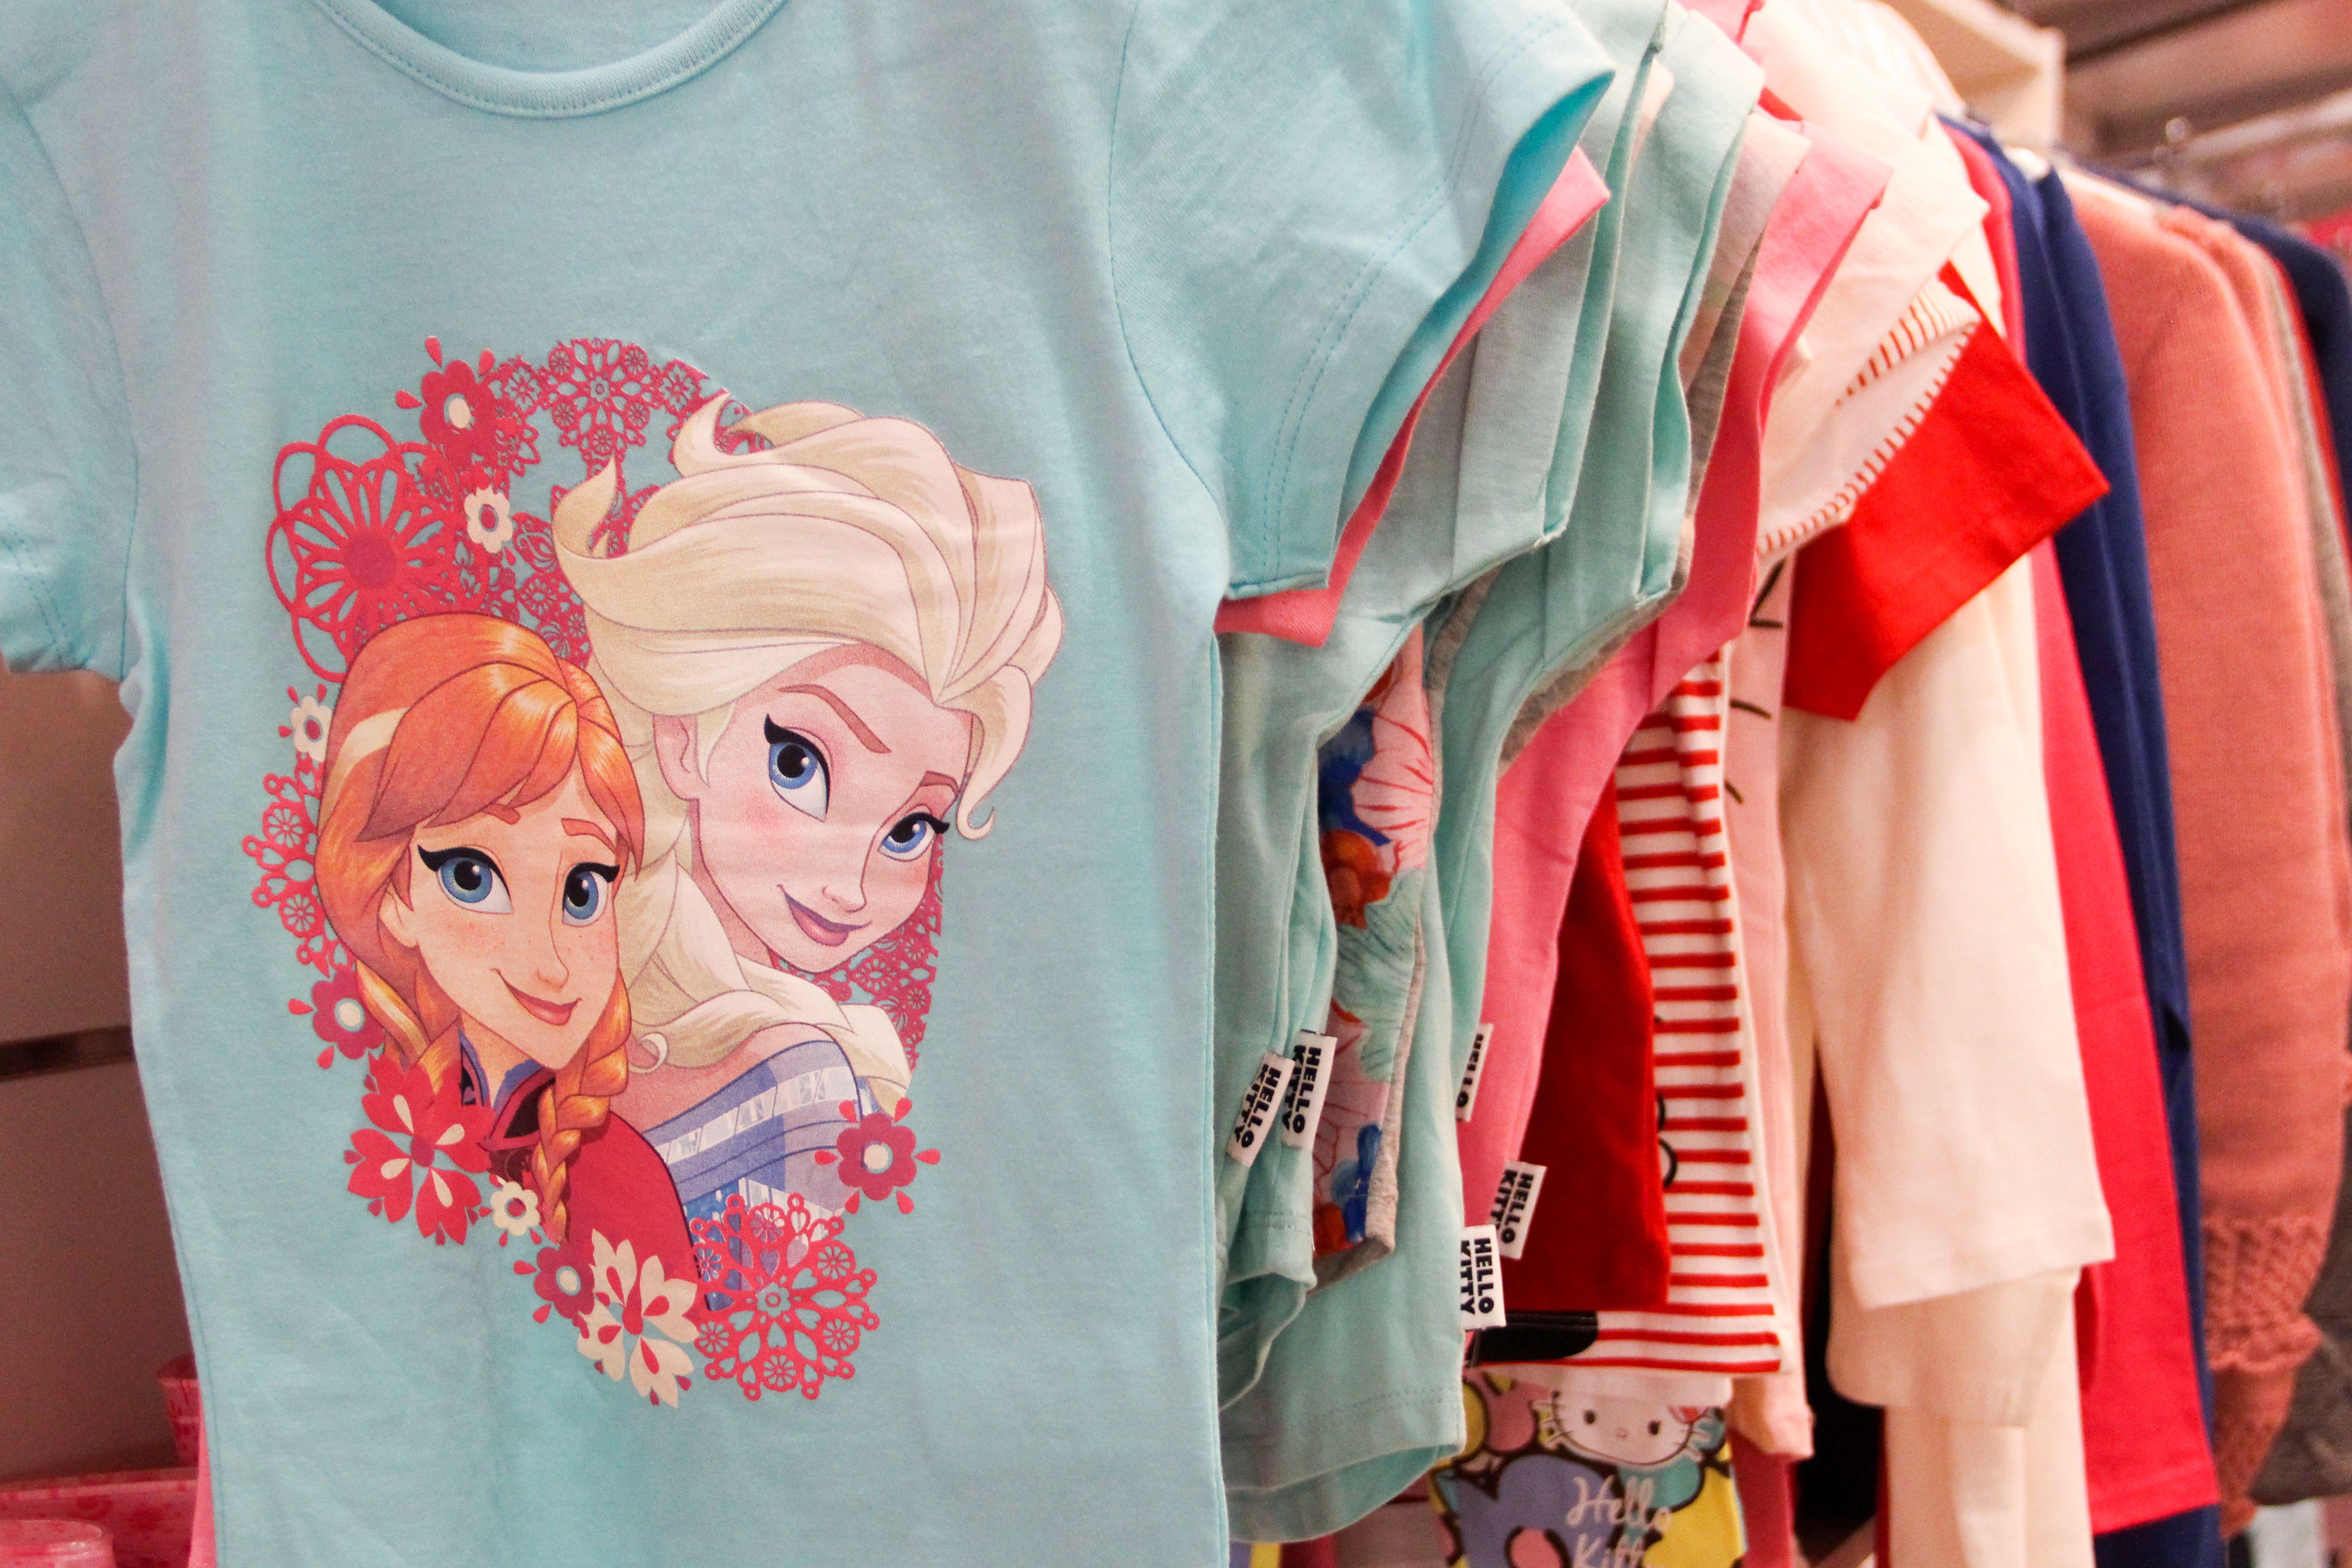 Las mejores marcas de ropa infantil con una amplia variedad de modelos